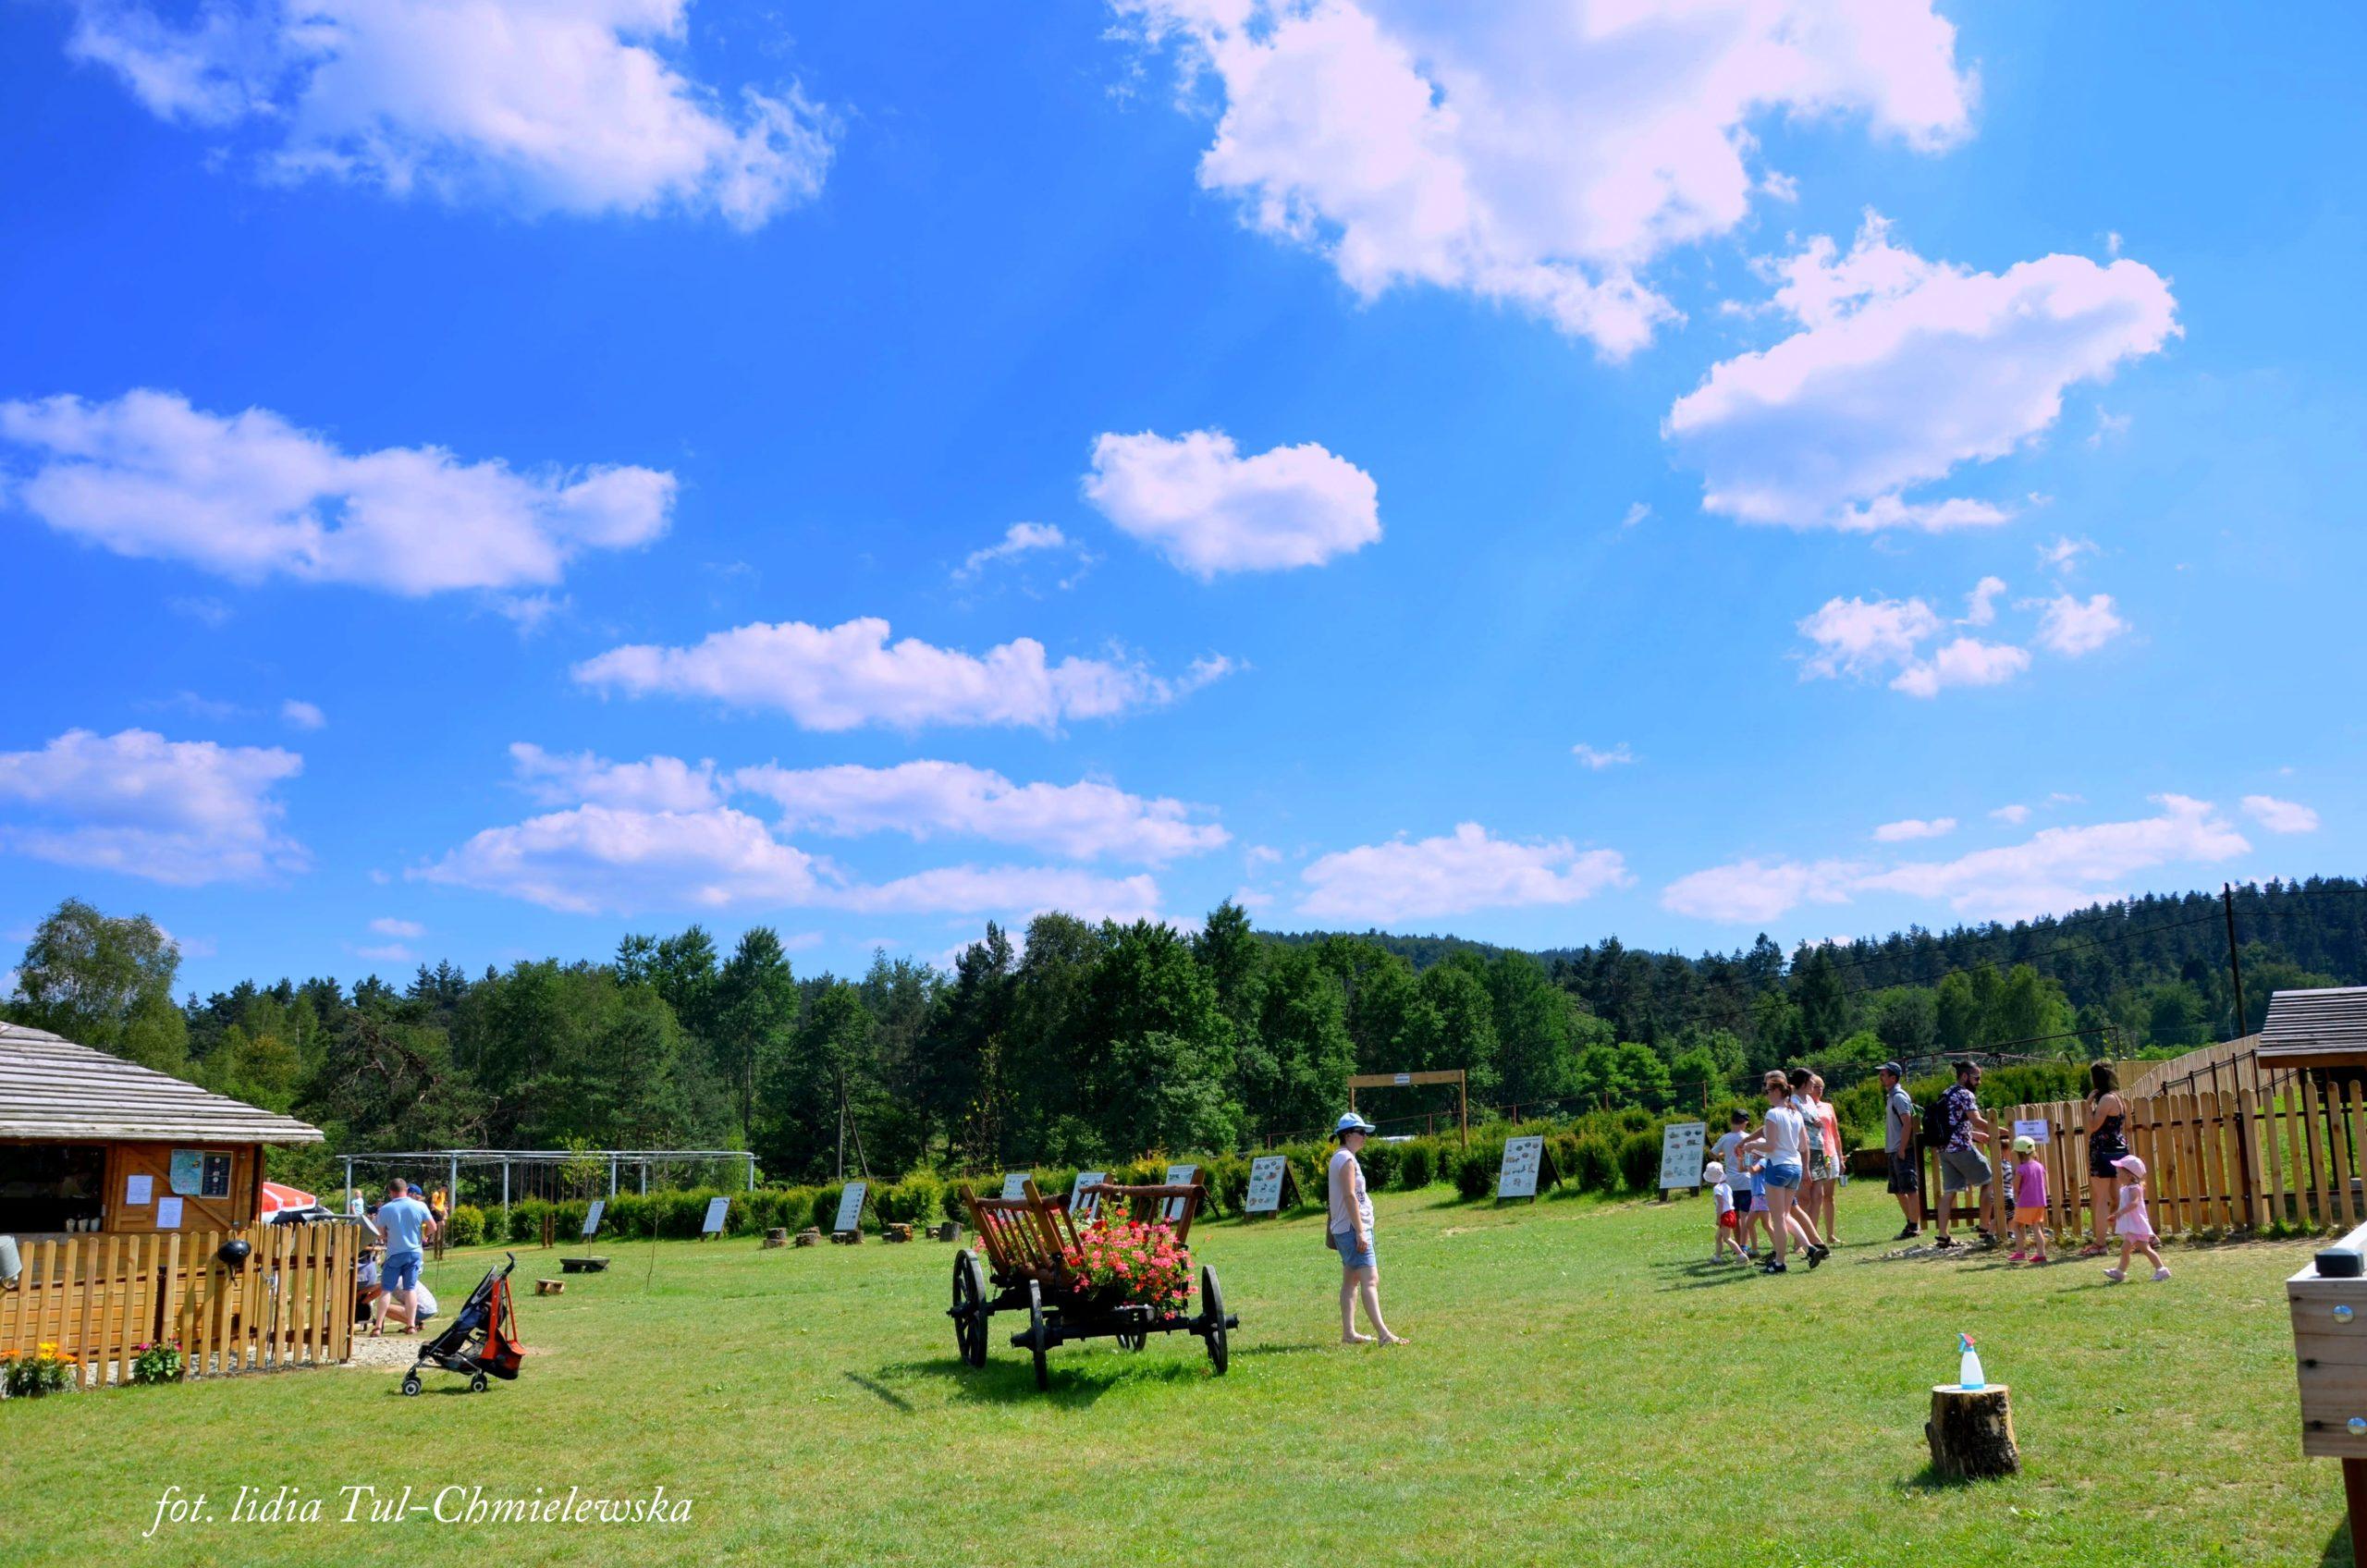 Wiejskie zoo kompleks fot. Lidia Tul-Chmielewska